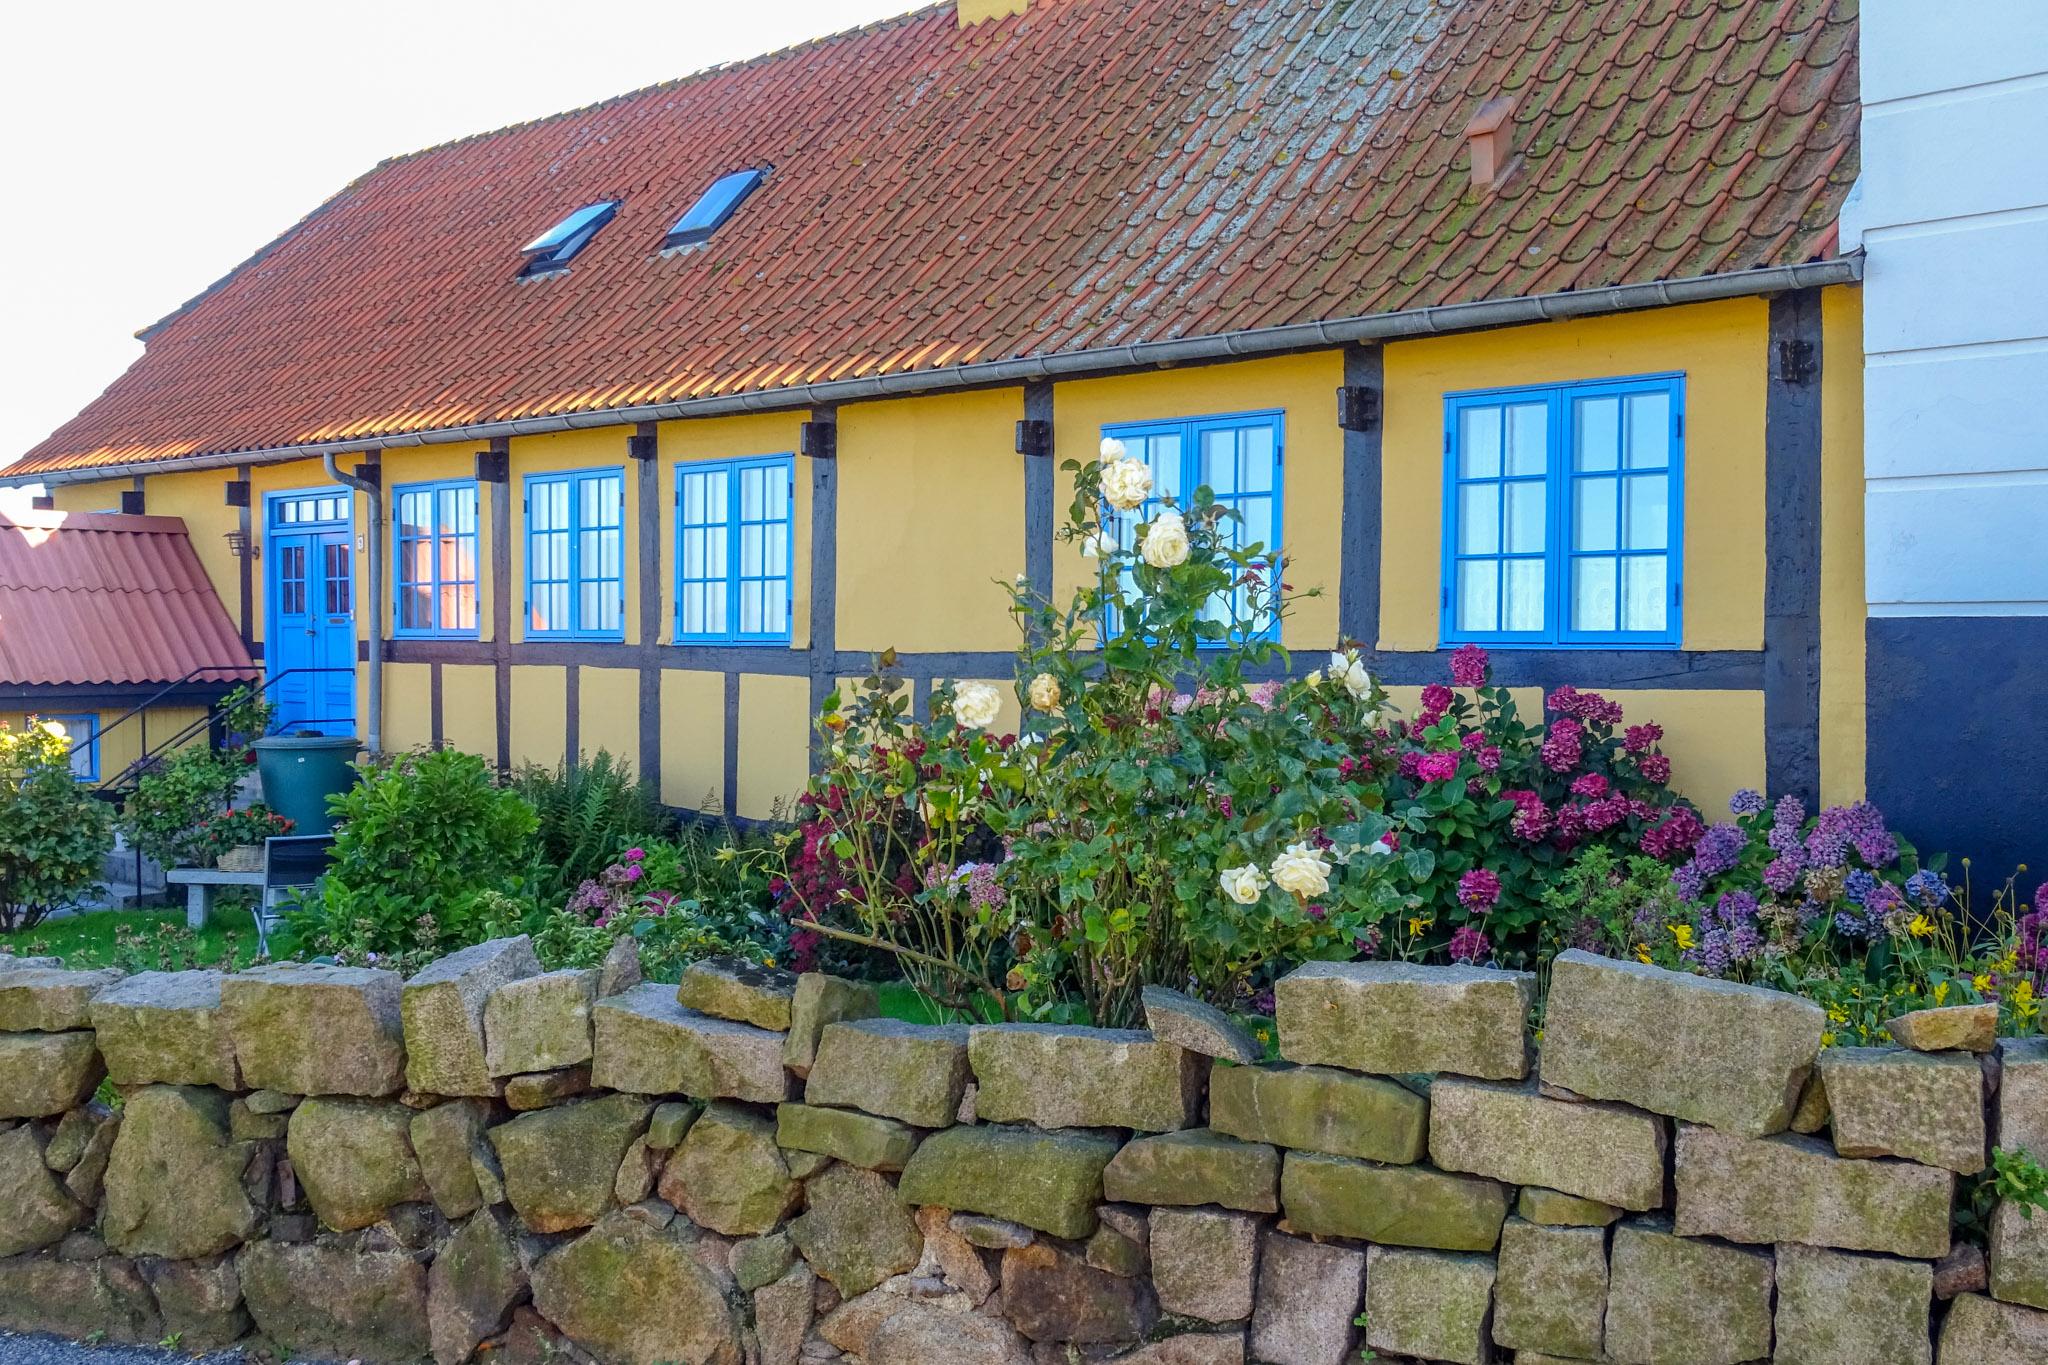 Fachwerkhaus in Allinge